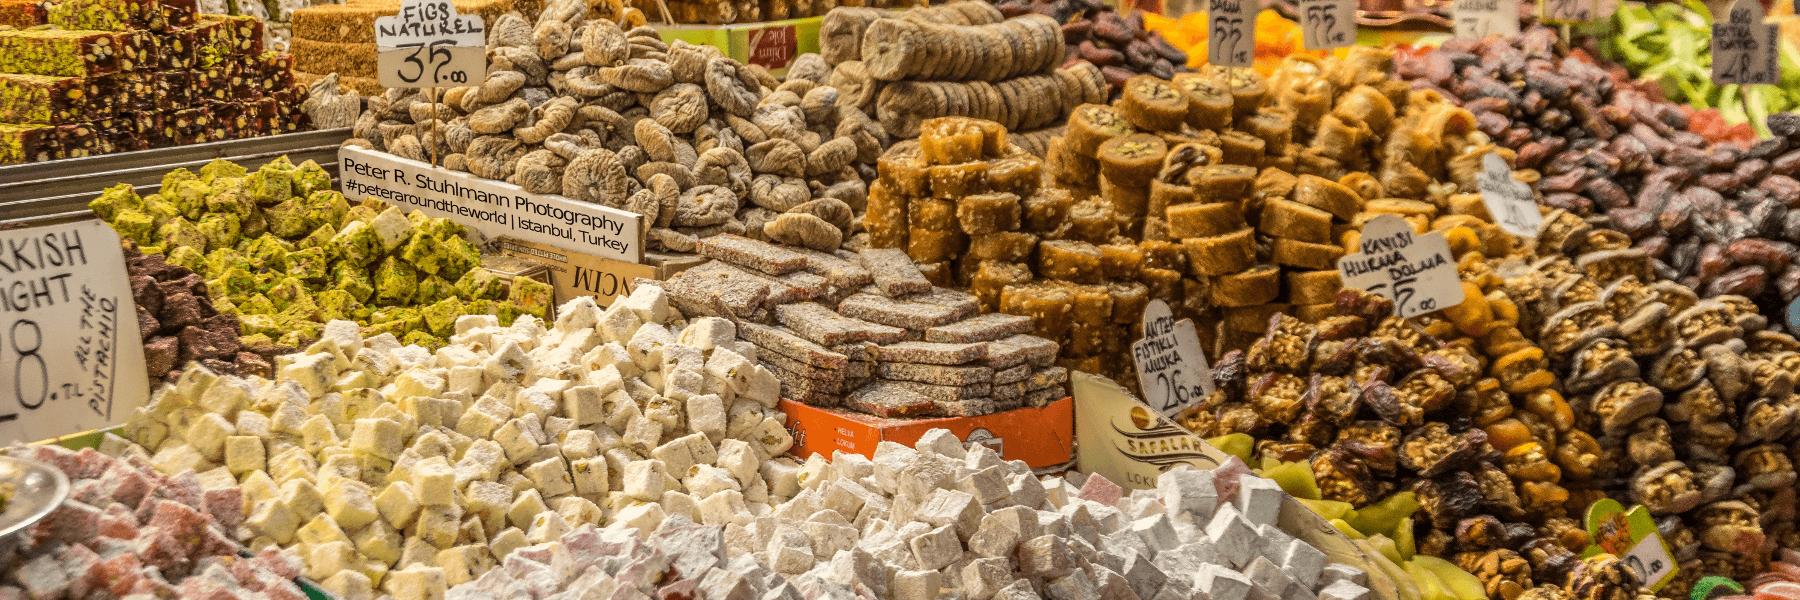 Istanbul Sehenswürdigkeiten: Turkish Delight auf dem Großen Basar.